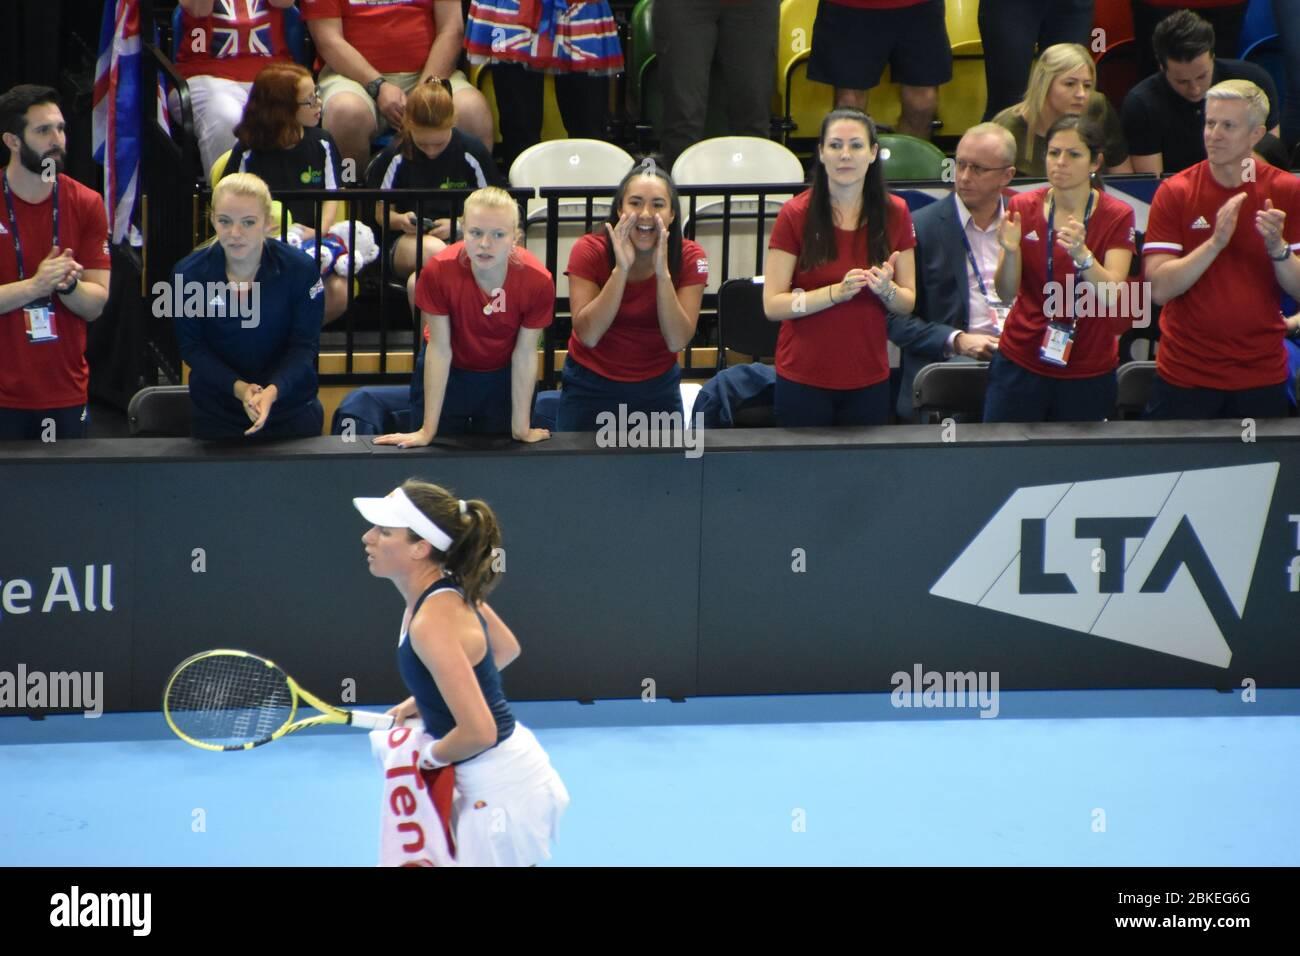 El equipo GB animó a Johanna Konta en su partido de la Fed Cup contra Kazajstán el 21st de abril de 2019 en el Copper Box Arena, Londres, Inglaterra, Reino Unido Foto de stock